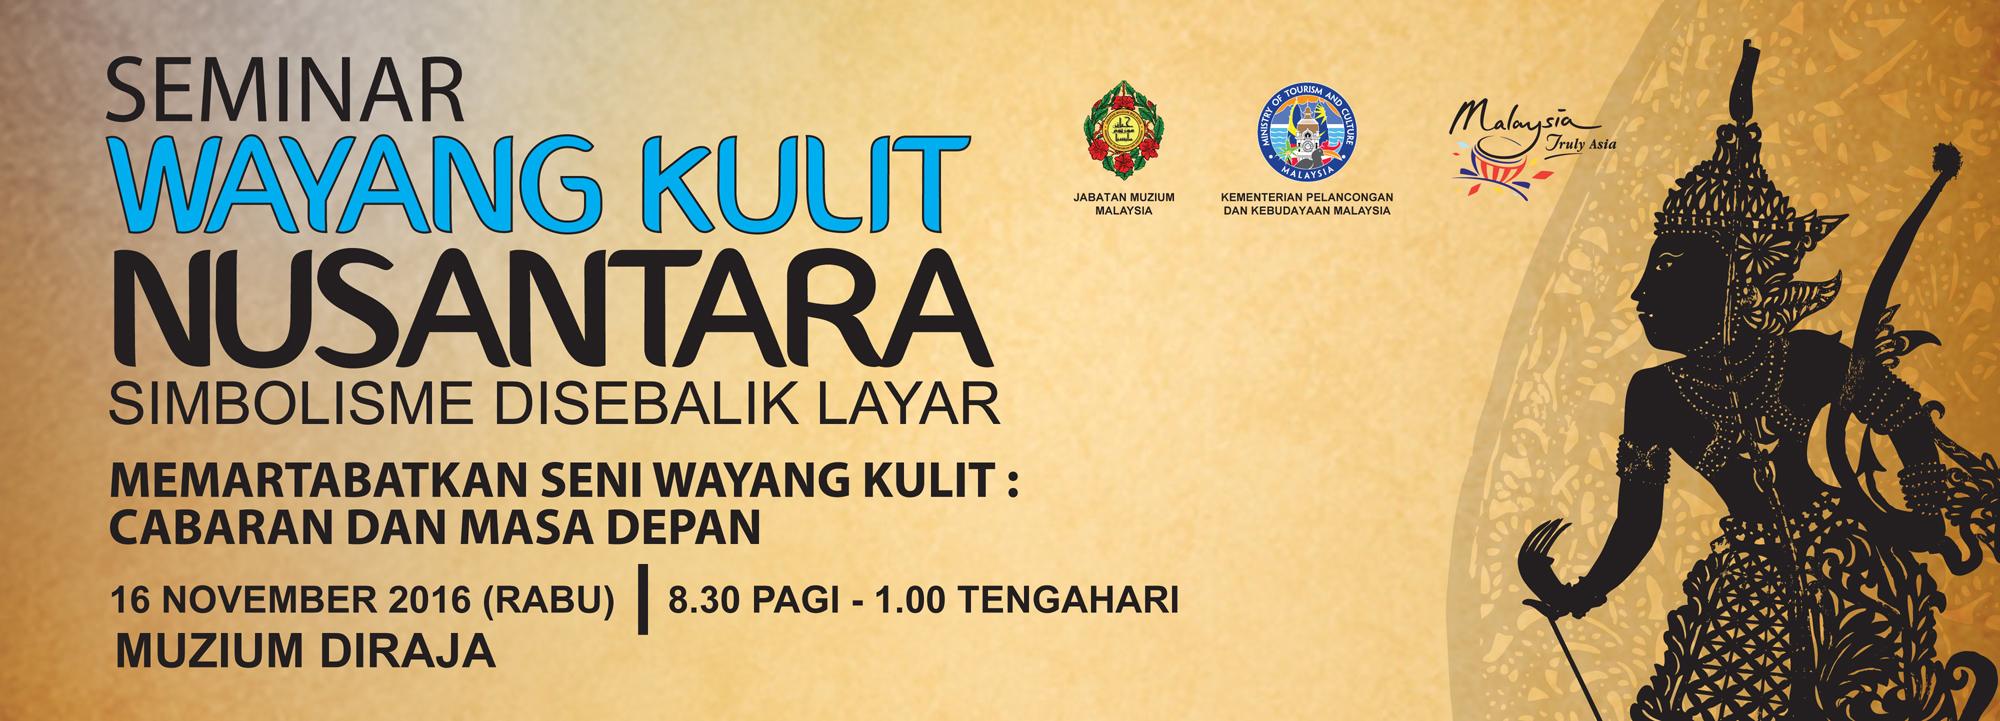 Banner web seminar wayang kulit